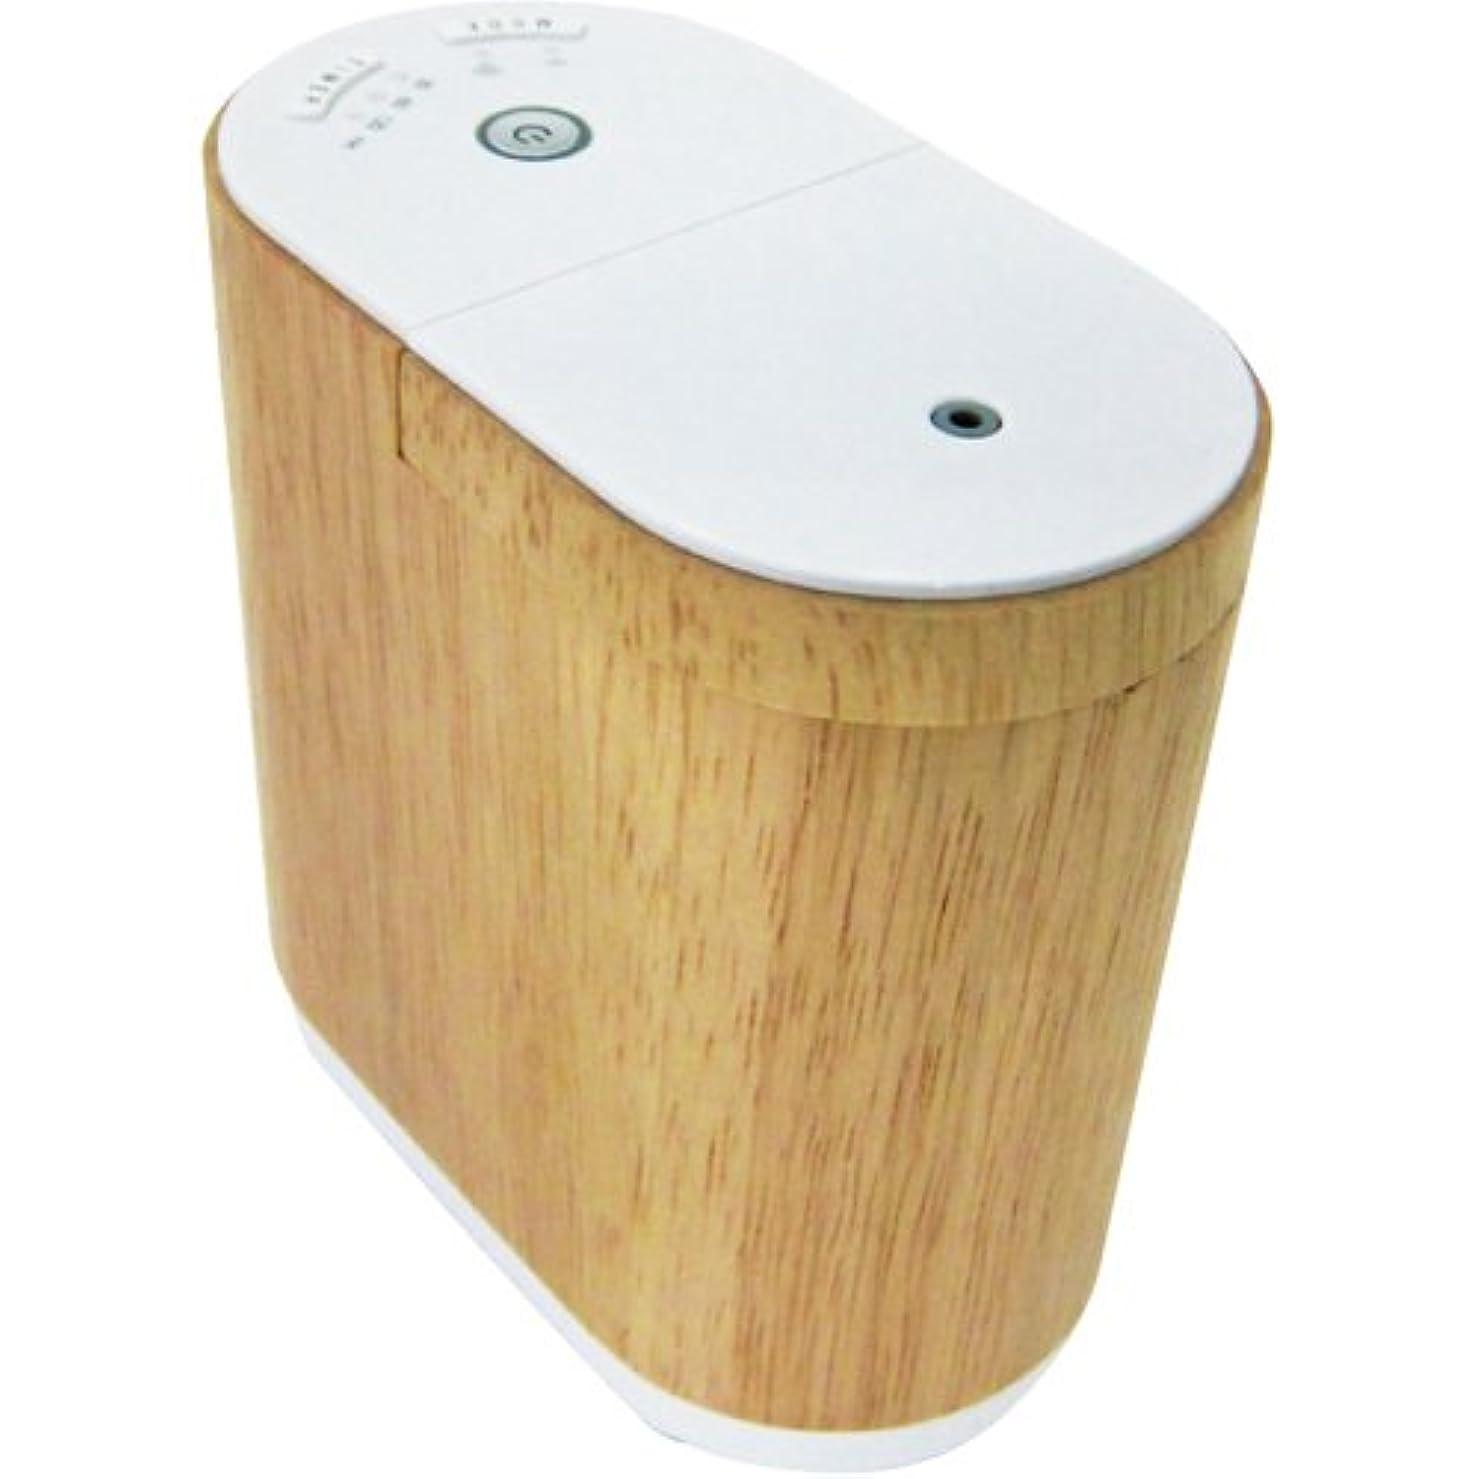 コントローラ協力最大限生活の木 アロマディフューザー(ウッド)エッセンシャルオイルディフューザー aromore(アロモア) 08-801-6010